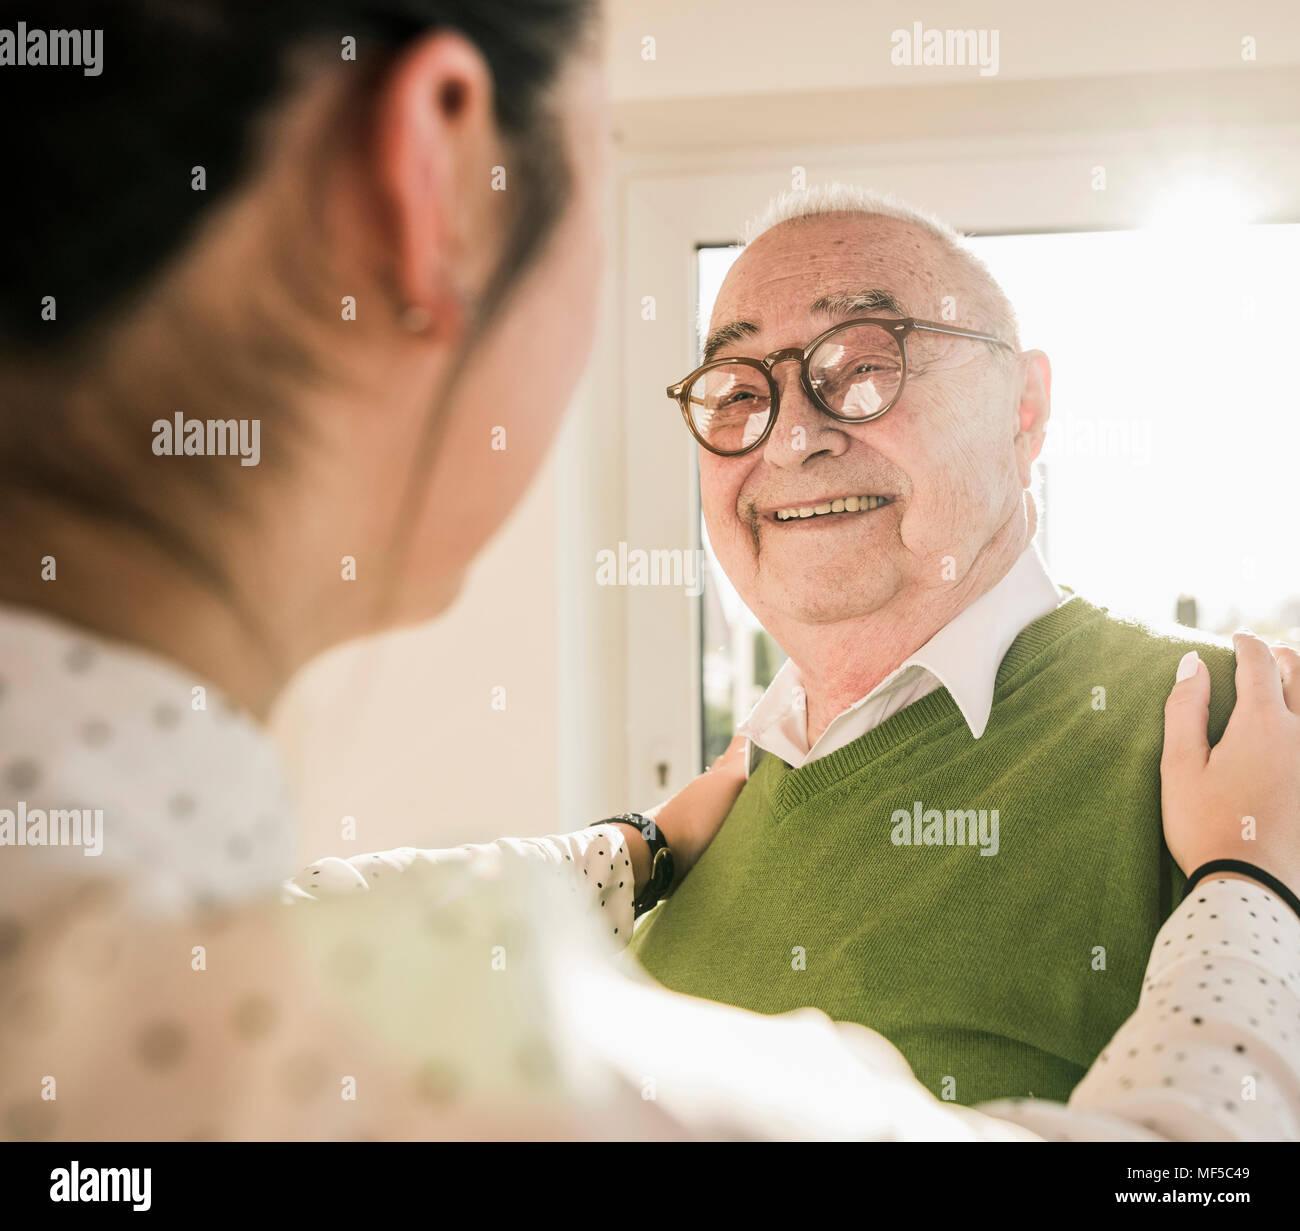 Senior man smiling at young woman - Stock Image